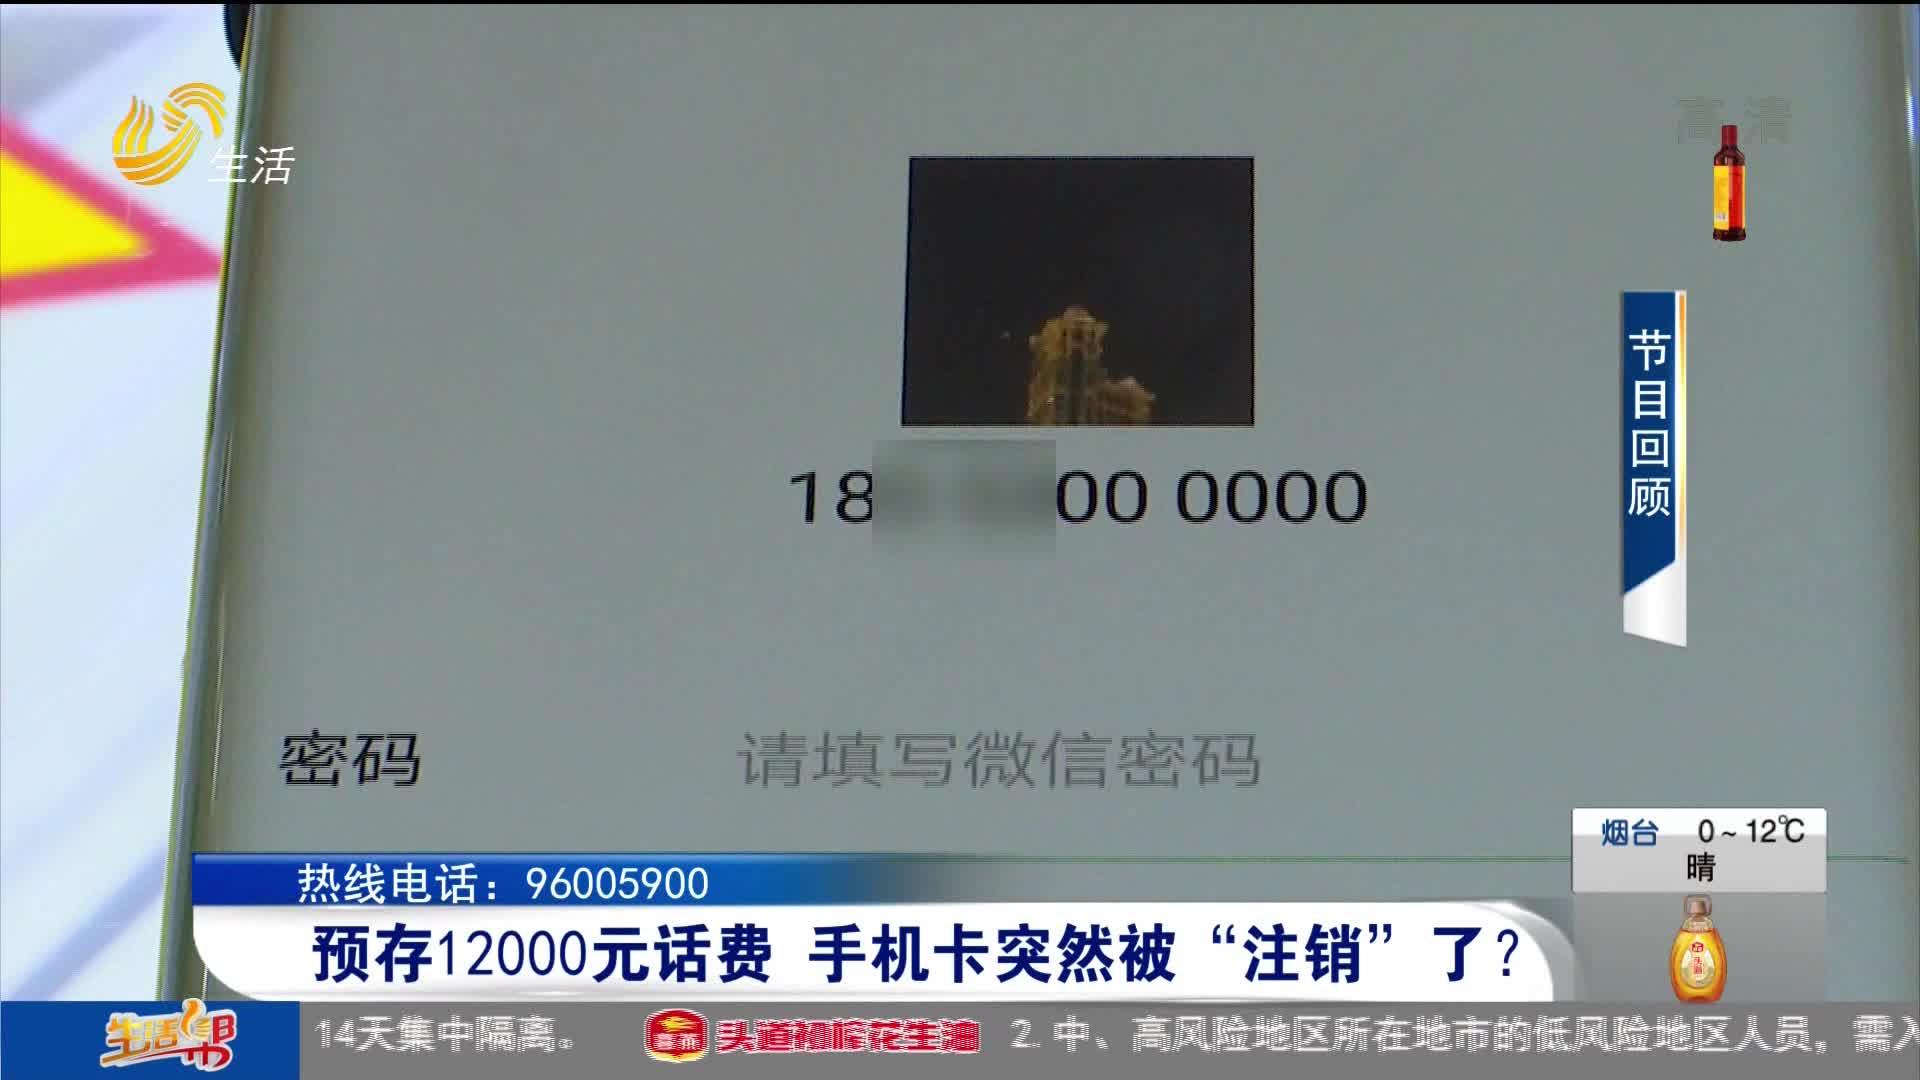 """预存12000元话费 手机卡突然被""""注销""""了?"""